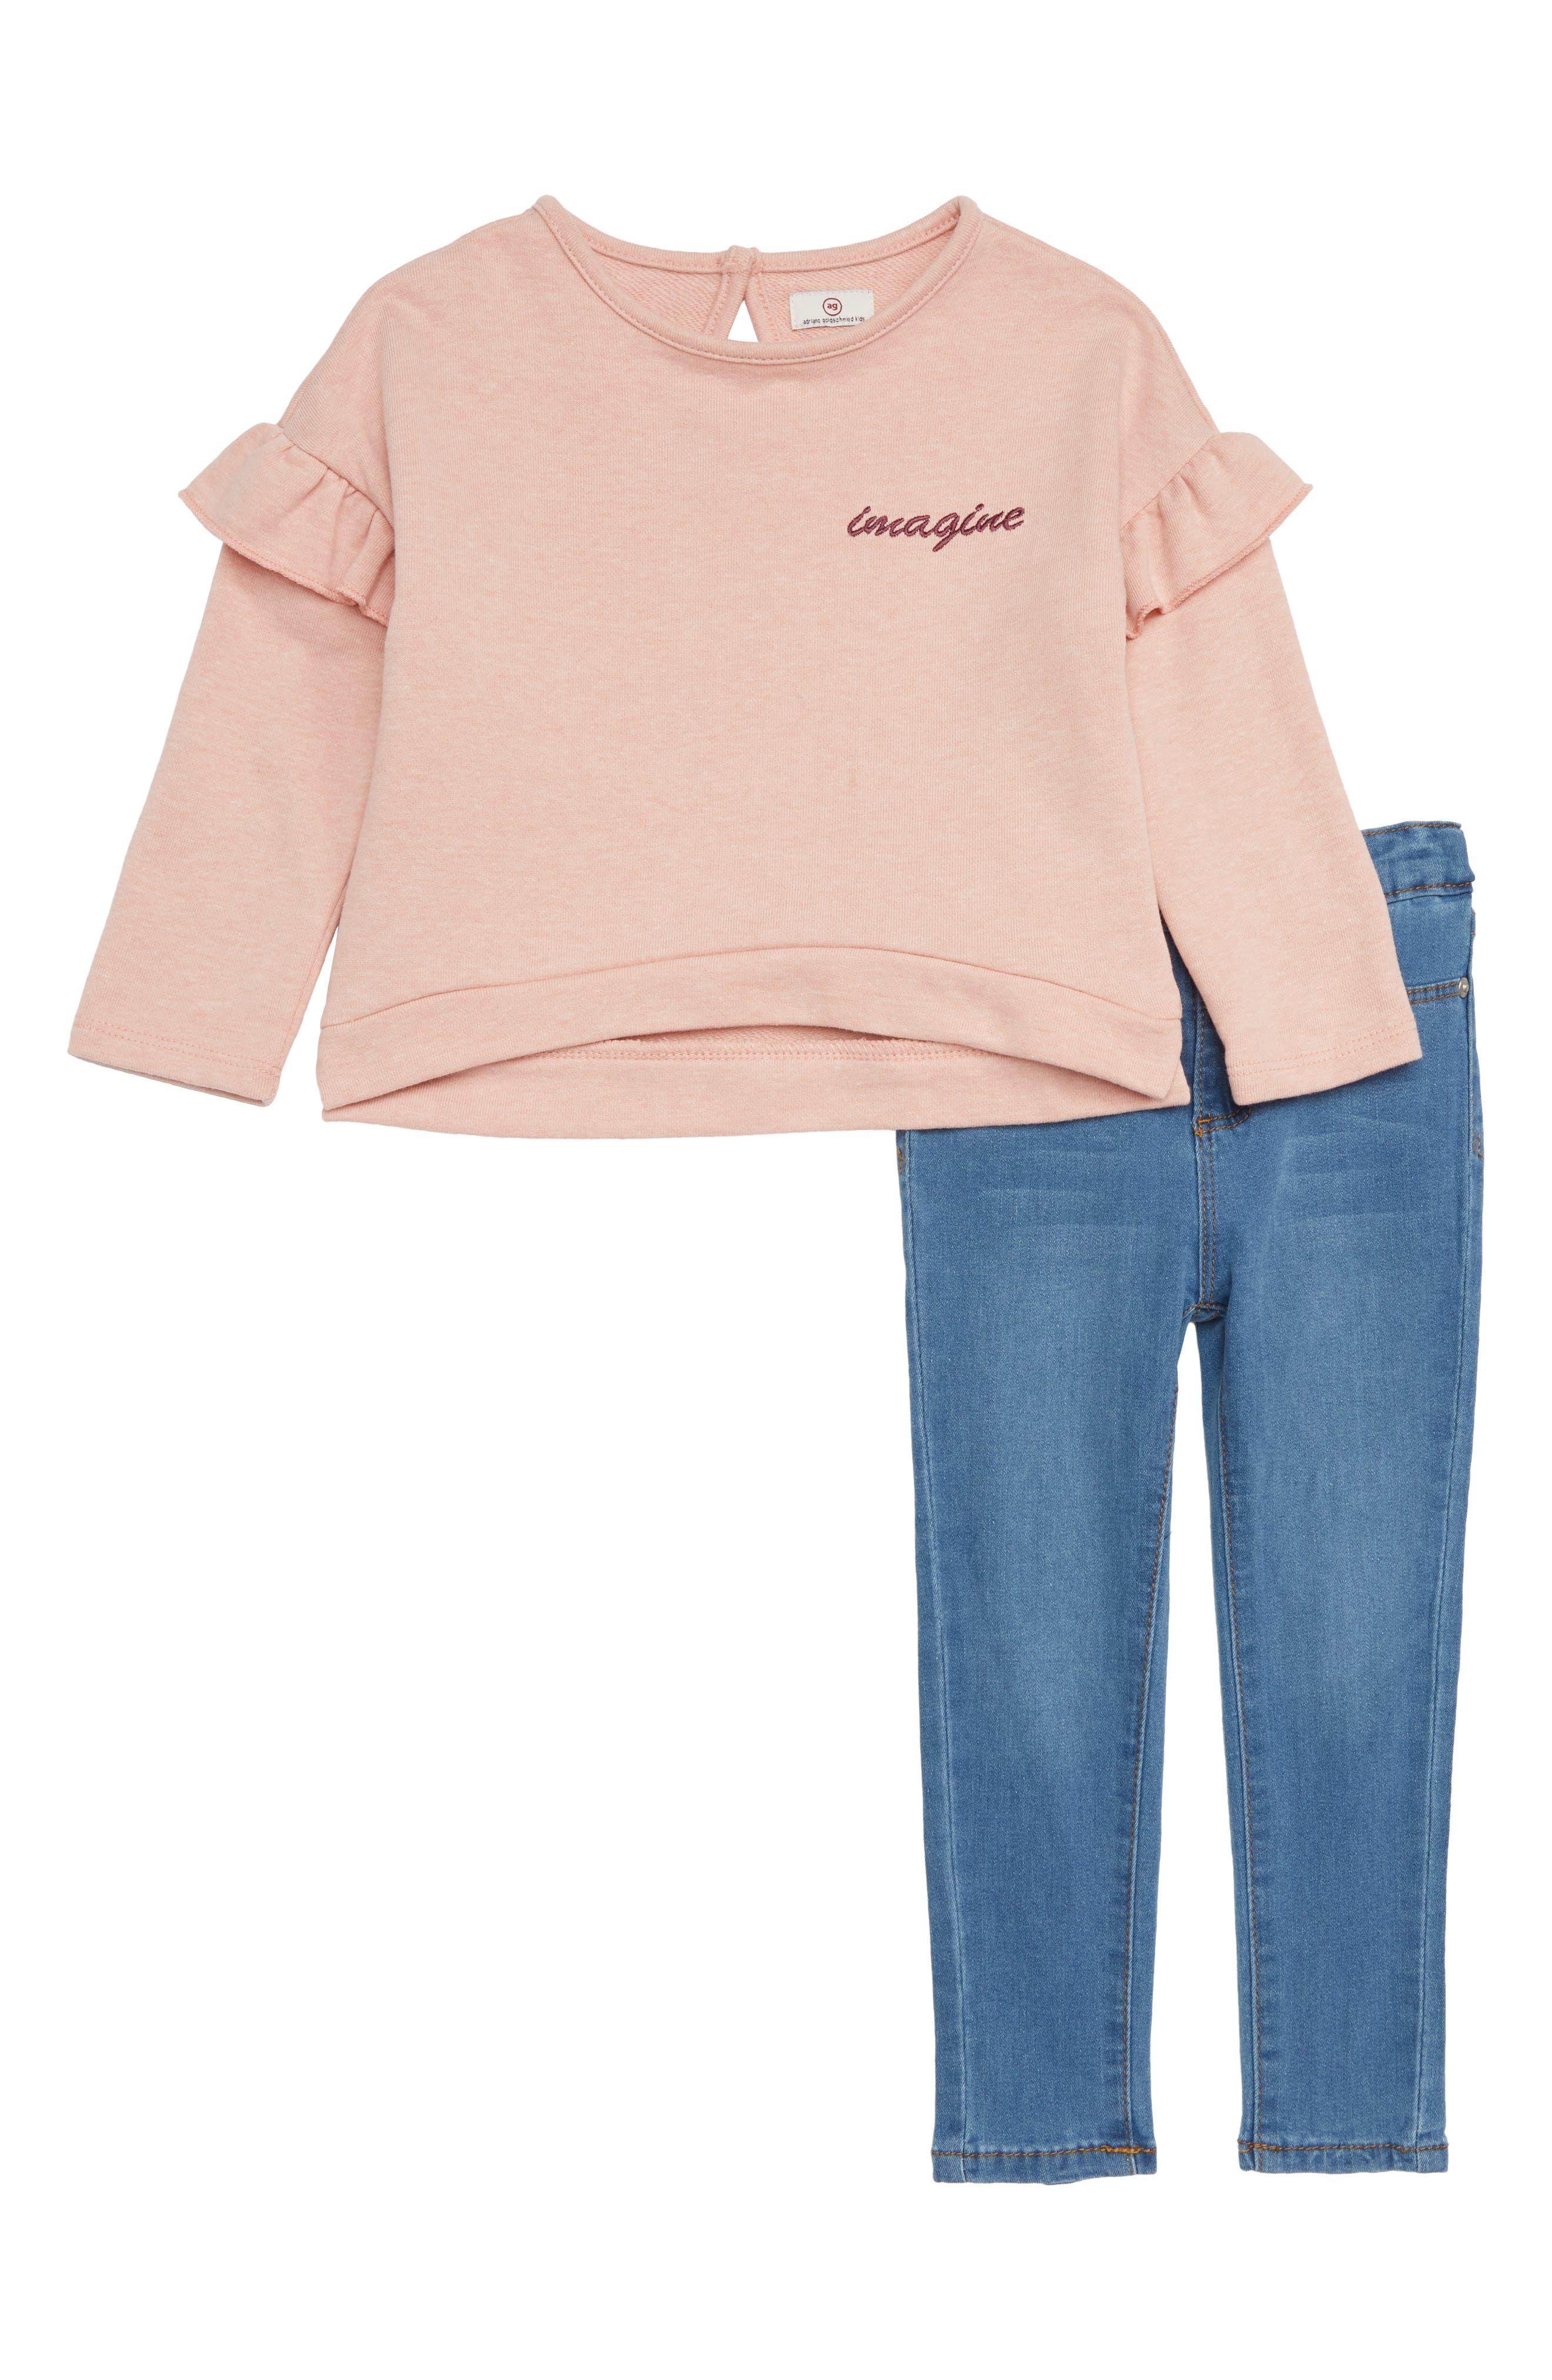 Sweatshirt & Jeans Set,                         Main,                         color, BLUE WASH